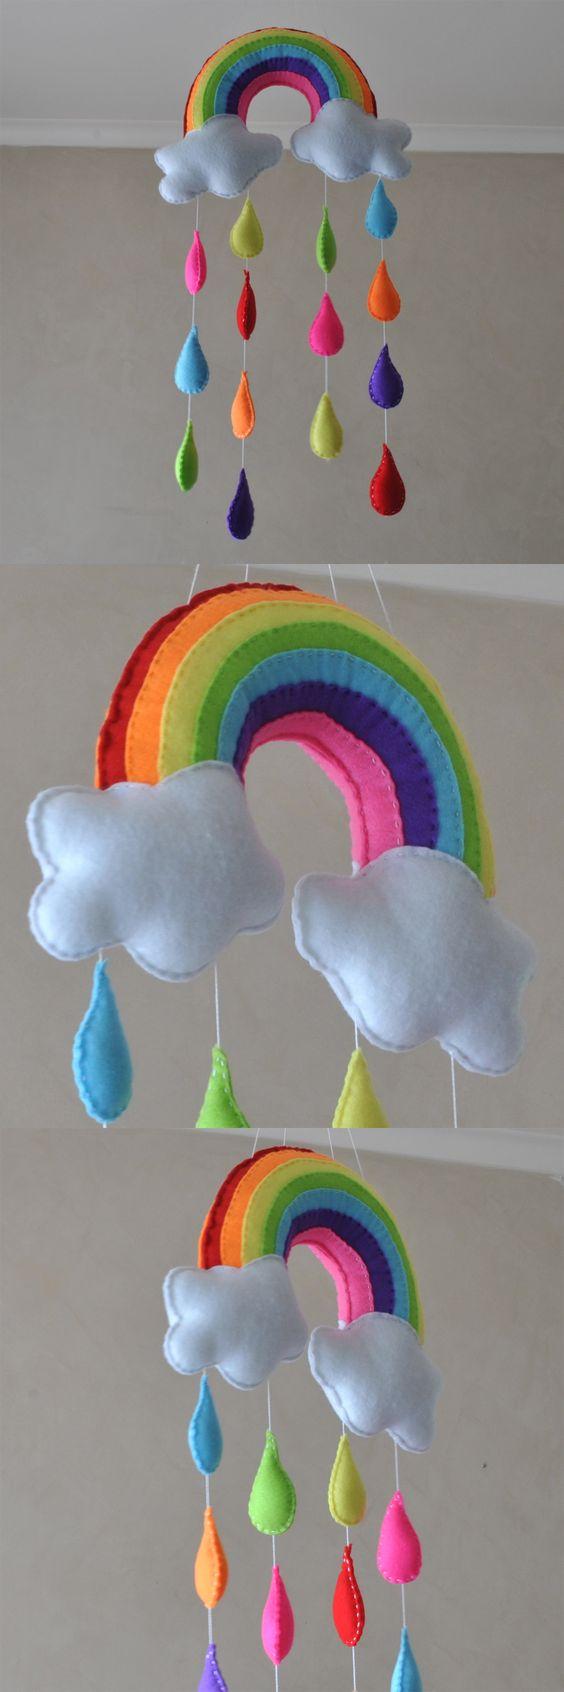 decoracao feltro quarto infantil arco iris